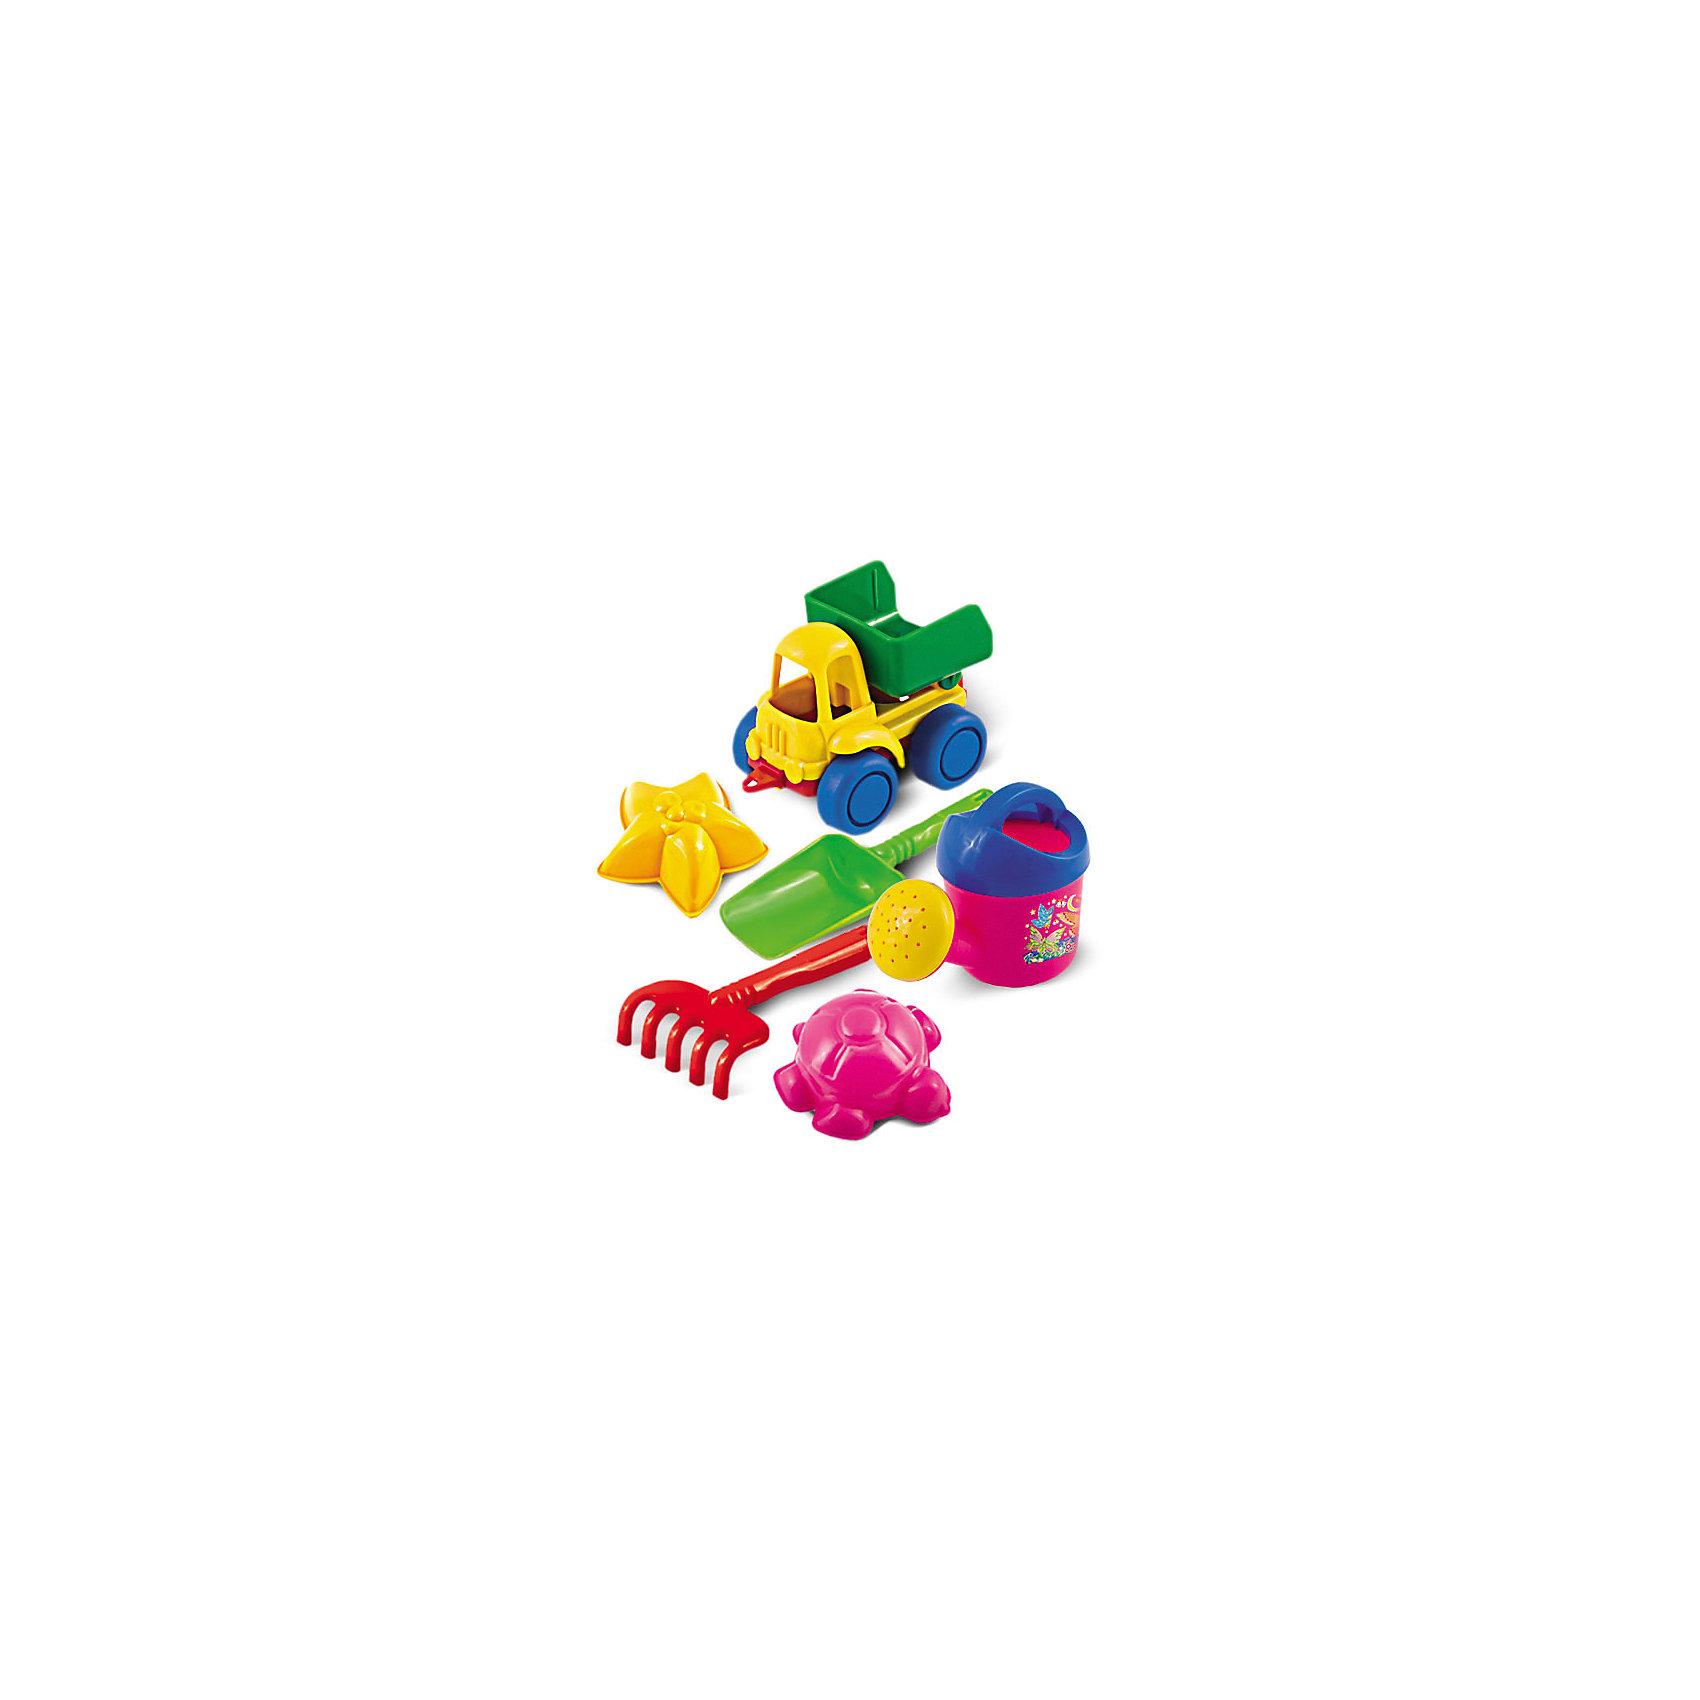 Набор для песка №48, НордпластИграем в песочнице<br>Набор для песка №48, Нордпласт - это радость и забава для летних развлечений вашего малыша.<br>Набор для песка привлечет внимание каждого ребенка, ведь с яркими игрушками проводить время в песочнице или на пляже станет гораздо интереснее. Набор включает в себя самосвал Нордик, кузов самосвала поднимается и опускается; две морских формочки: морская звезда и черепашка; совок и грабельки, также маленькую лейку. Набор для песка от компании Нордпласт сделан из качественной прочной пластмассы, поэтому не выцветает на солнце и не трескается.<br><br>Дополнительная информация:<br><br>- В наборе: самосвал Нордик, лейка кроха, грабли, совочек, формочки 2 шт.<br>- Размер лейки: 11.5 х 6.5х 9 см.<br>- Размер грабель: 13 х 6.5 см.<br>- Размер совка: 16.5 х 5.5 см.<br>- Размер формочек: 8 х 8 см.<br>- Размер самосвала: 11.5 х 6.5 х 7.5 см.<br>- Материал: пластмасса<br>- Размер упаковки: 11 х 17 х 10см.<br>- Вес: 140 гр.<br><br>Набор для песка №48, Нордпласт можно купить в нашем интернет-магазине.<br><br>Ширина мм: 110<br>Глубина мм: 170<br>Высота мм: 100<br>Вес г: 140<br>Возраст от месяцев: 24<br>Возраст до месяцев: 60<br>Пол: Унисекс<br>Возраст: Детский<br>SKU: 4060302